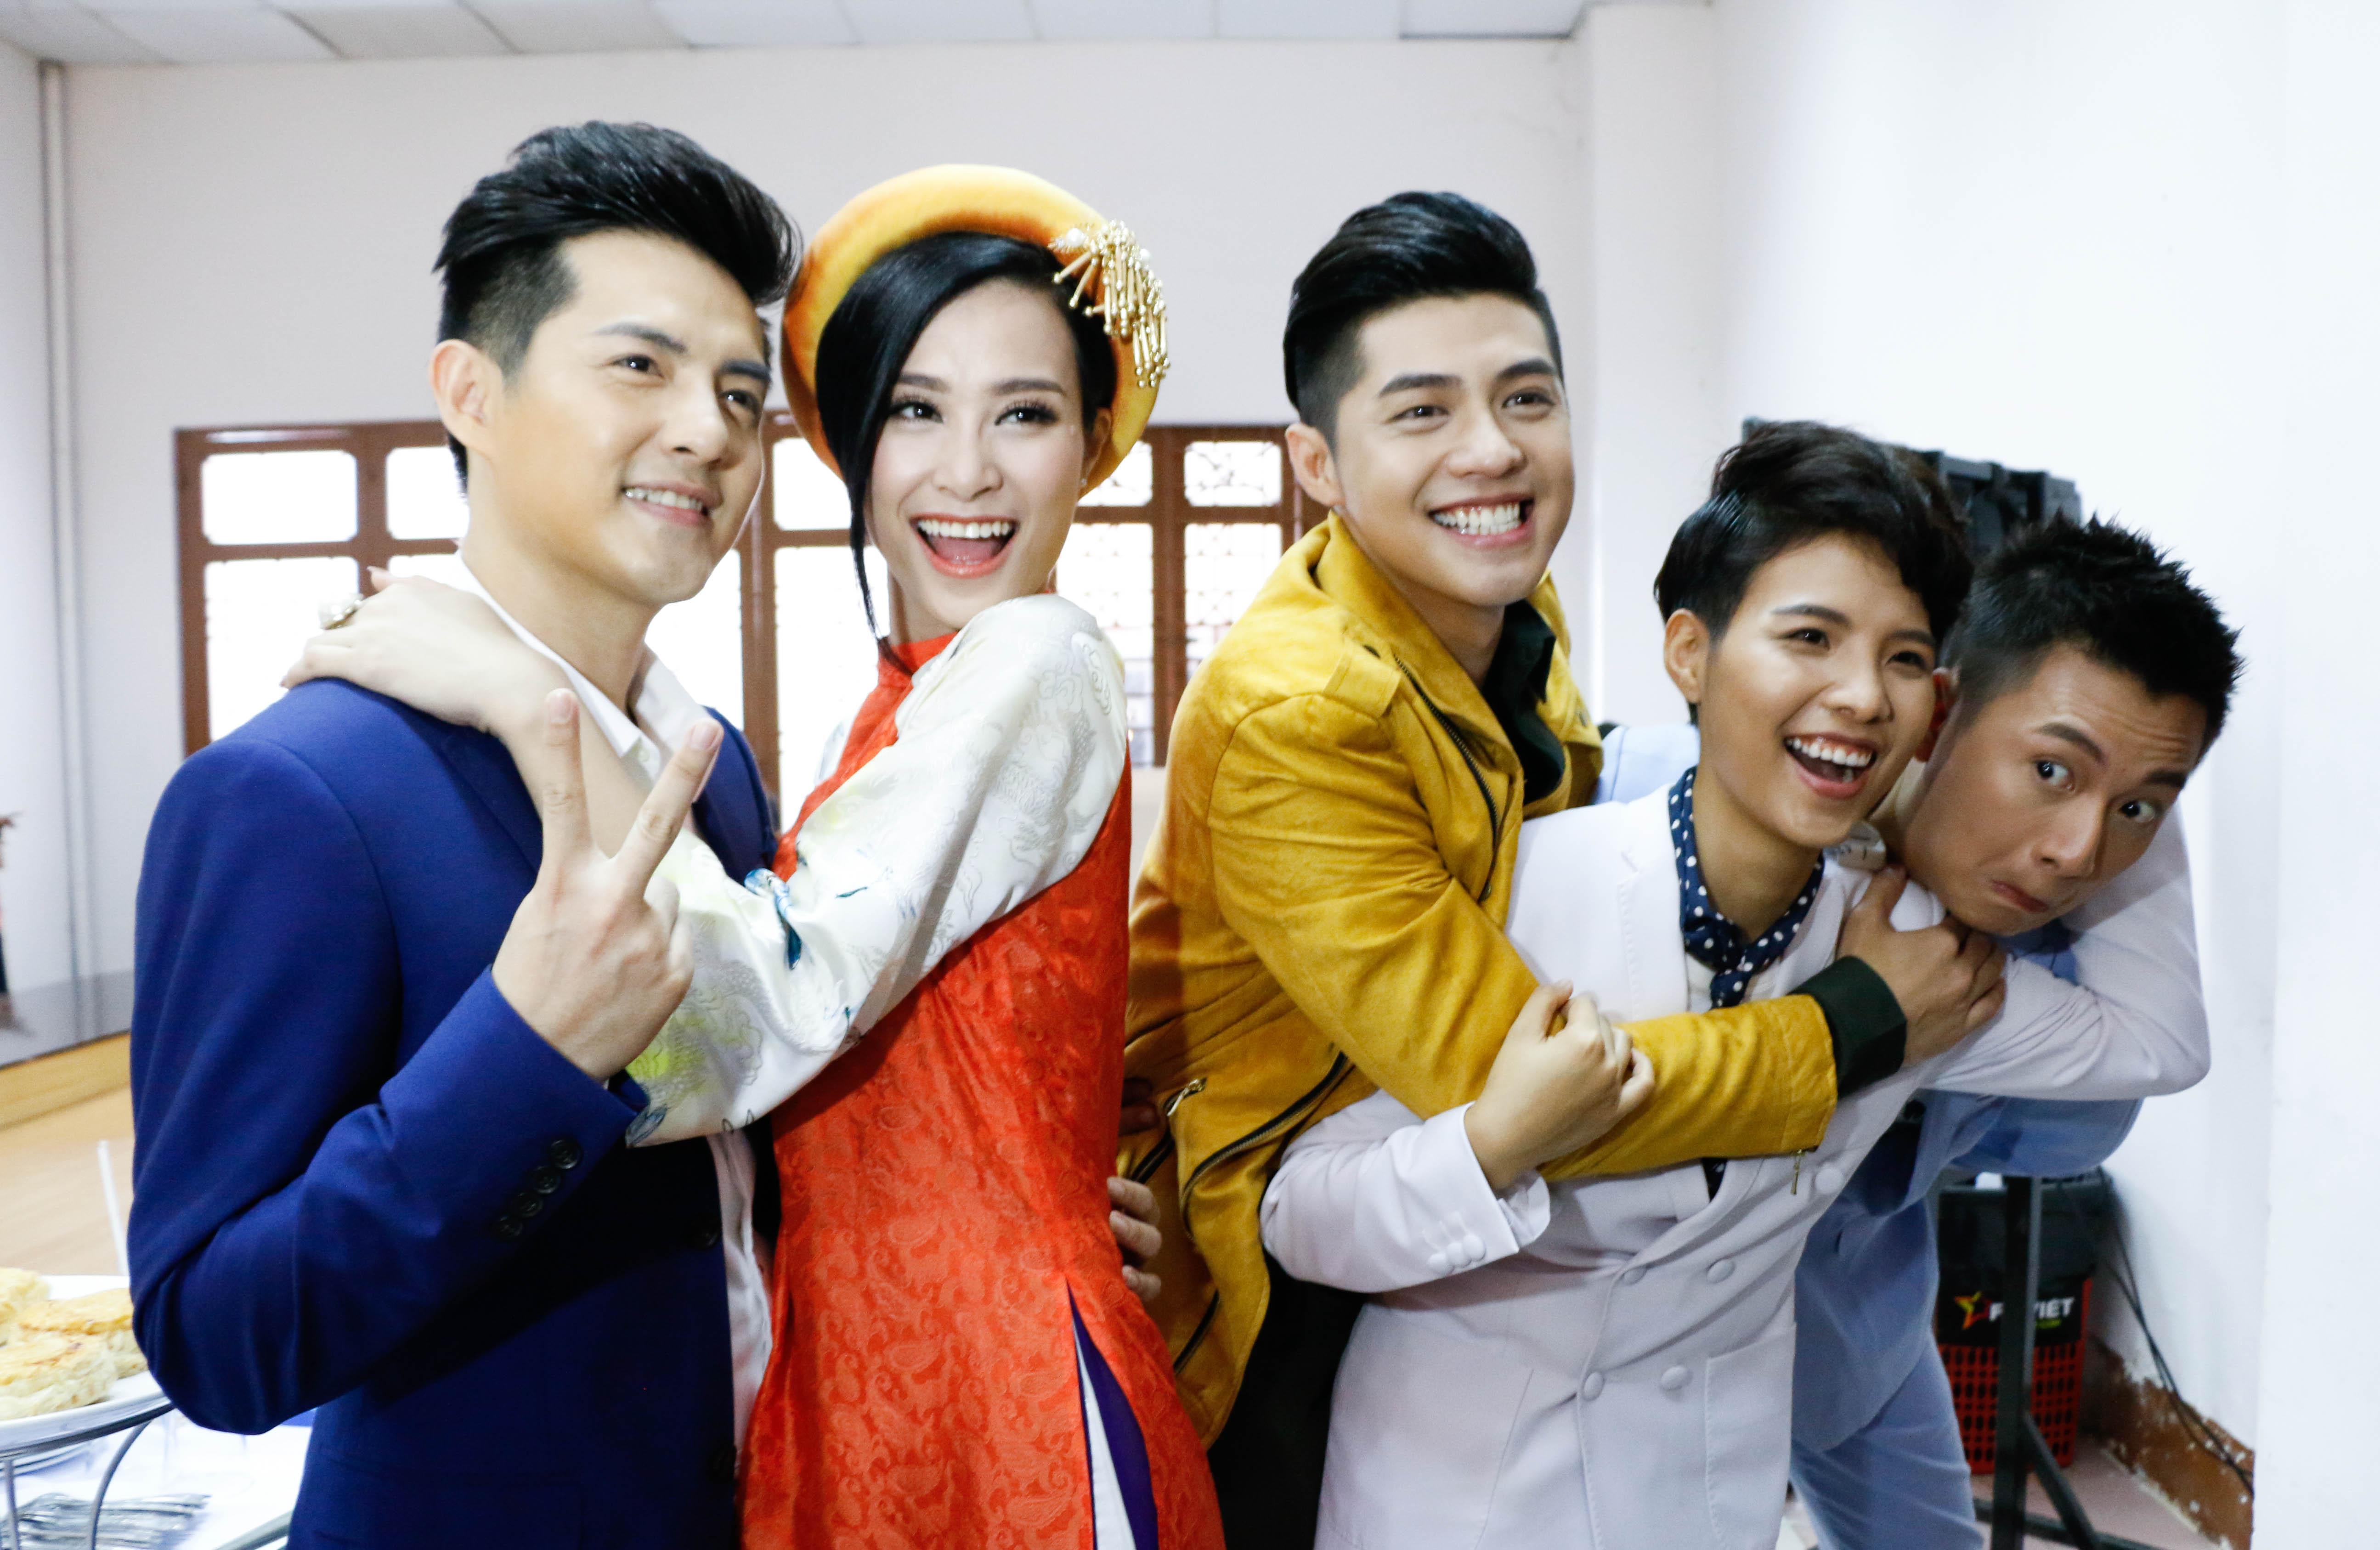 Toàn bộ giám khảo và MC chương trình Giọng hát Việt nhí 2016 được thay máu bằng những ca sĩ trẻ đang được khán giả yêu thích nên hứa hẹn một sự đổi mới trẻ trung và nhiều sức hút.